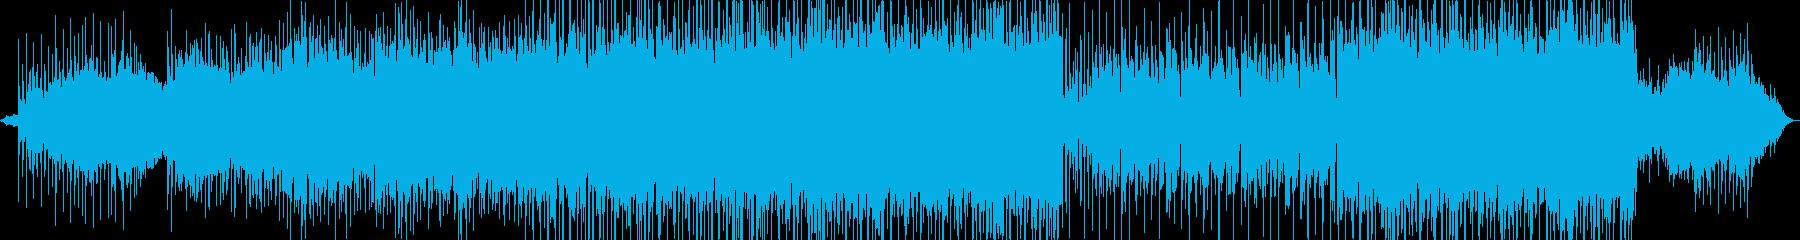 マイナーでブルージーなシンセロックの再生済みの波形